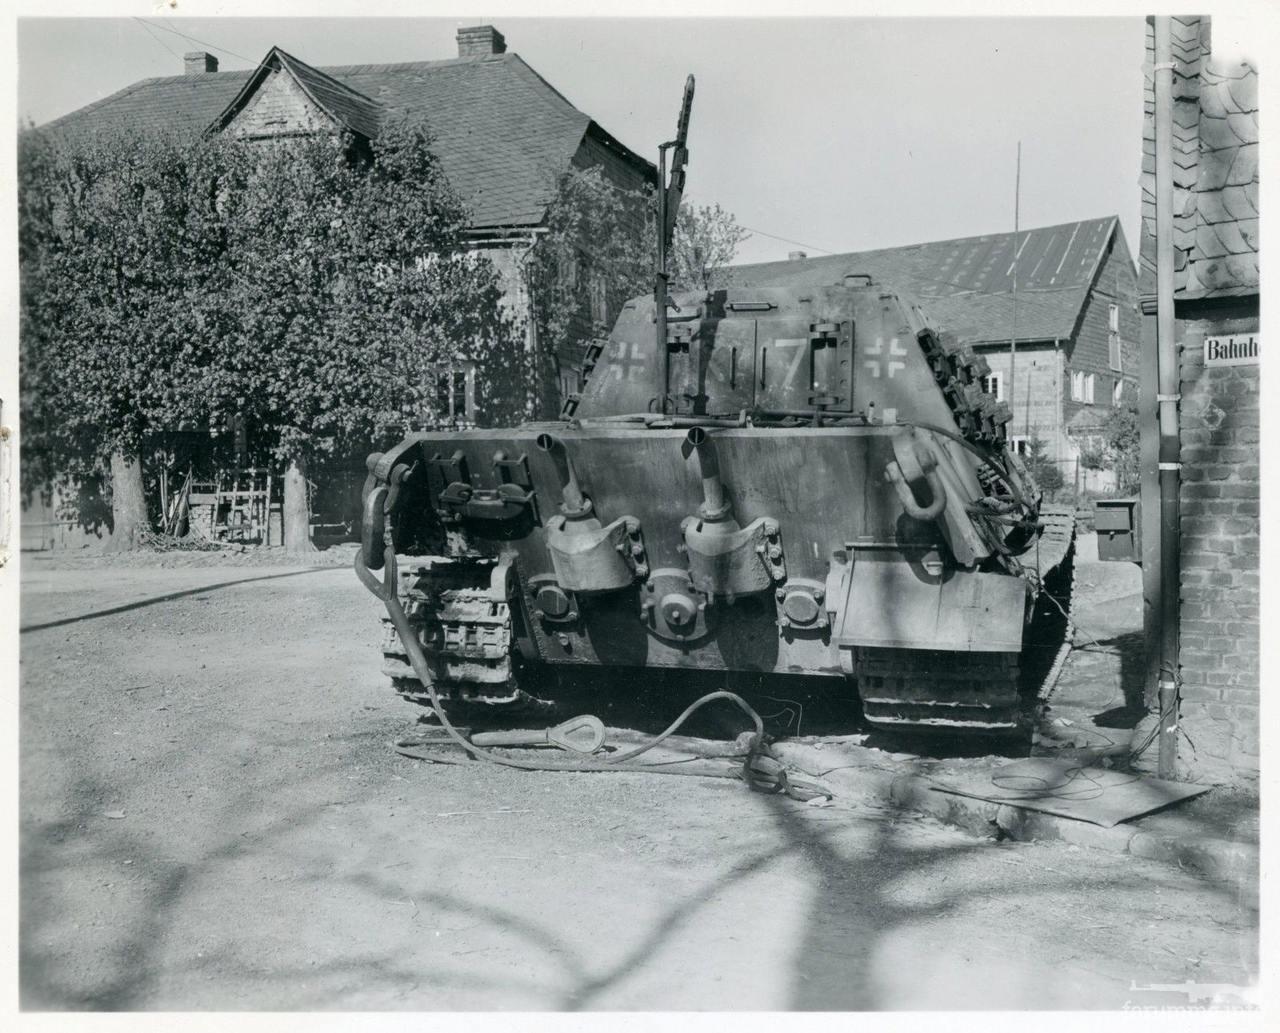 122005 - Achtung Panzer!